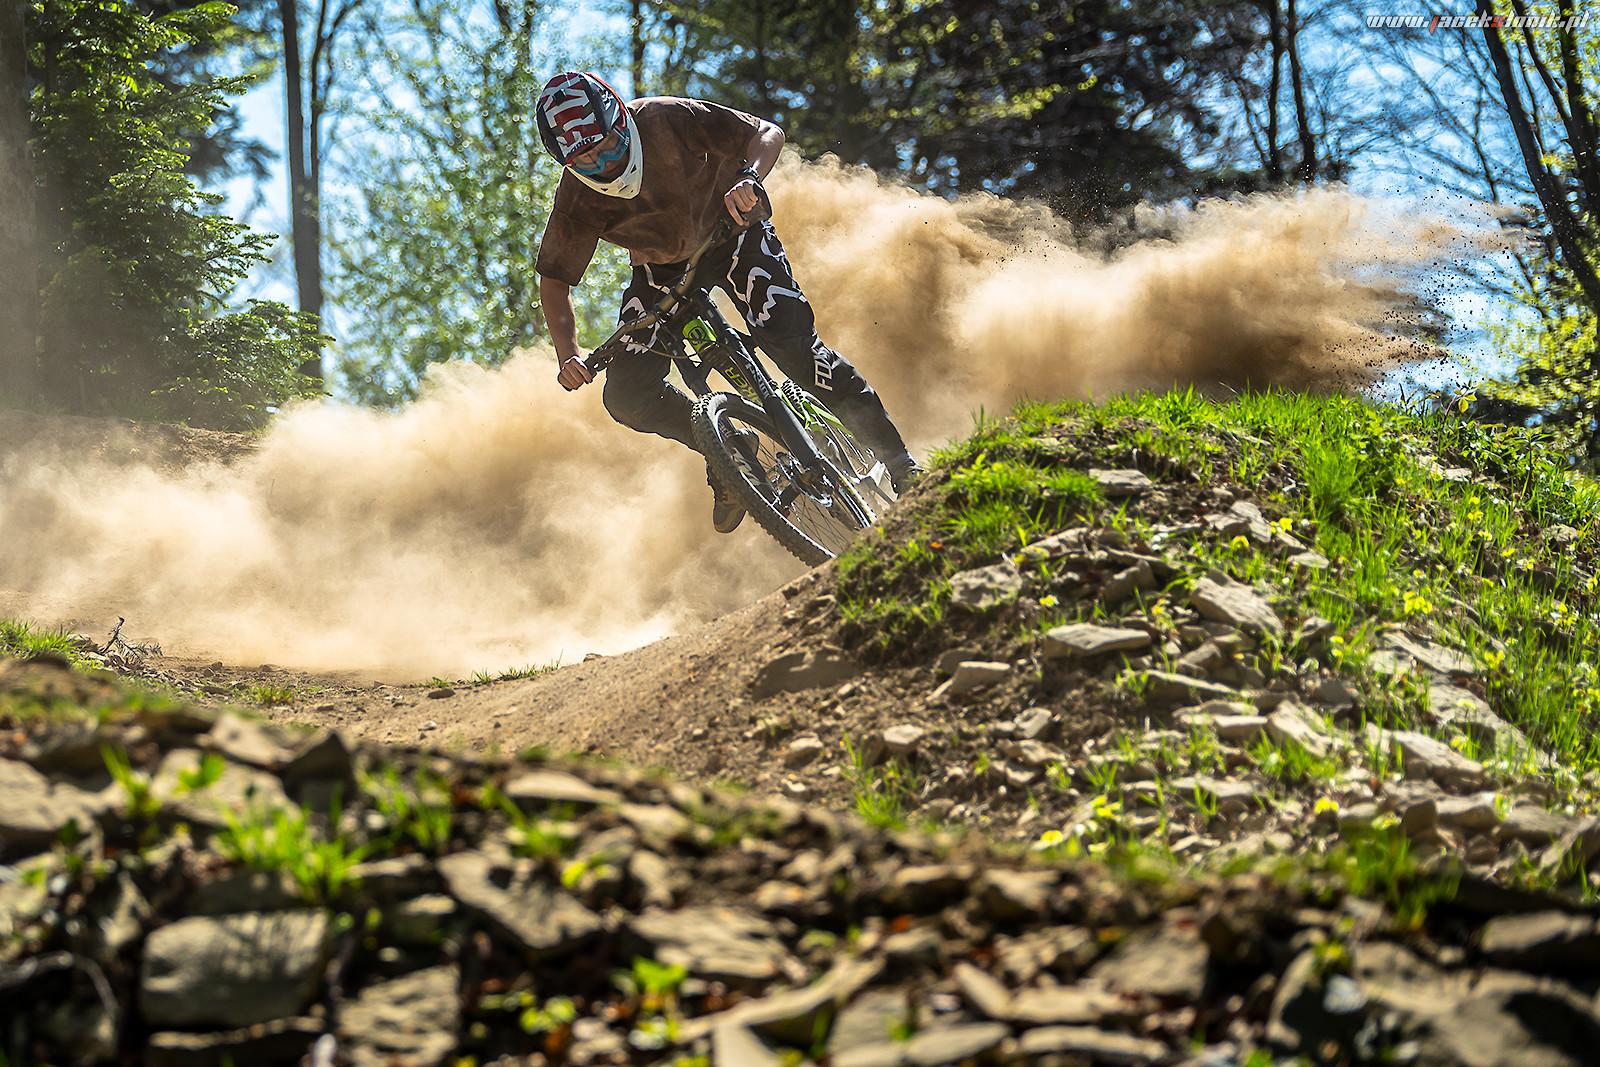 Braaaap! - JacekSlonik - Mountain Biking Pictures - Vital MTB